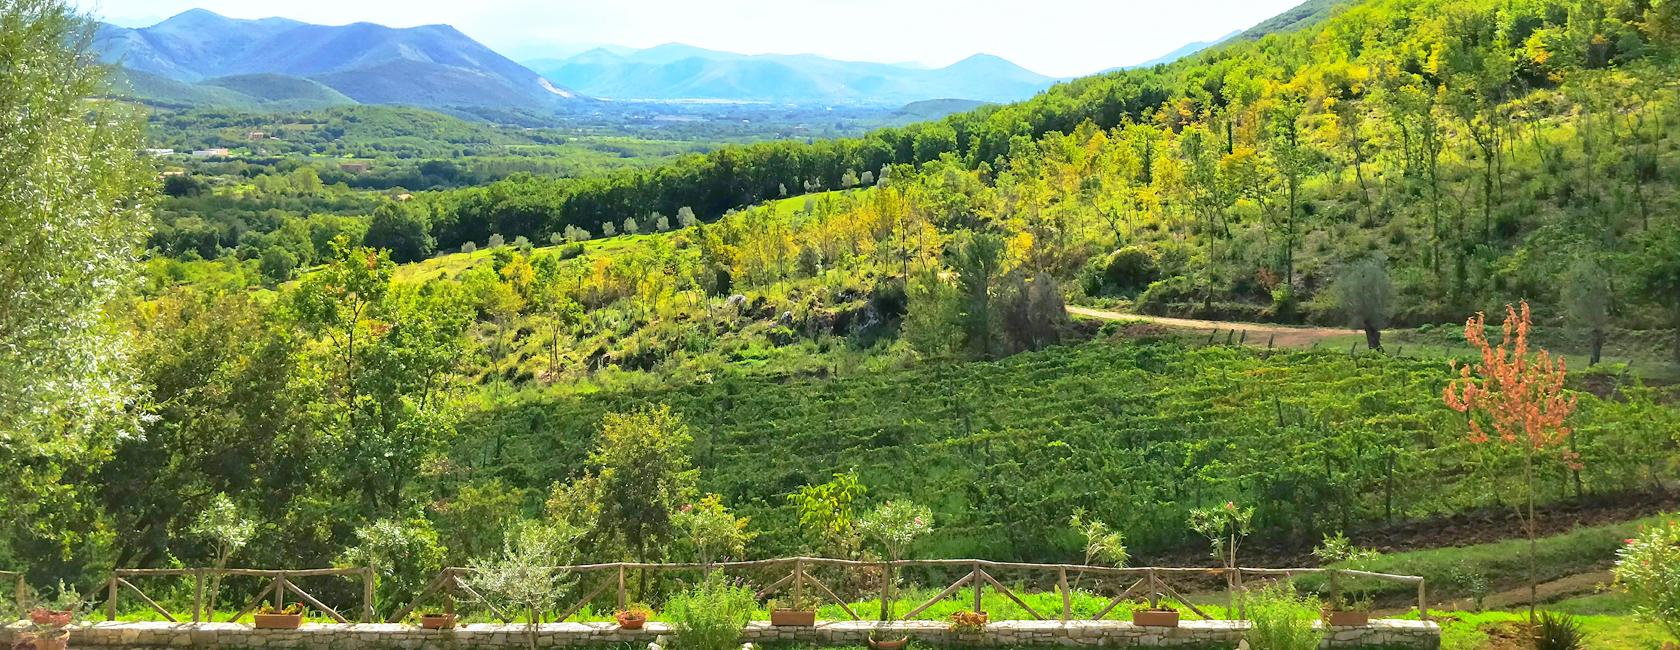 Il Verro Azienda Agricola. Vini di alta qualità. Formicola, Caserta.